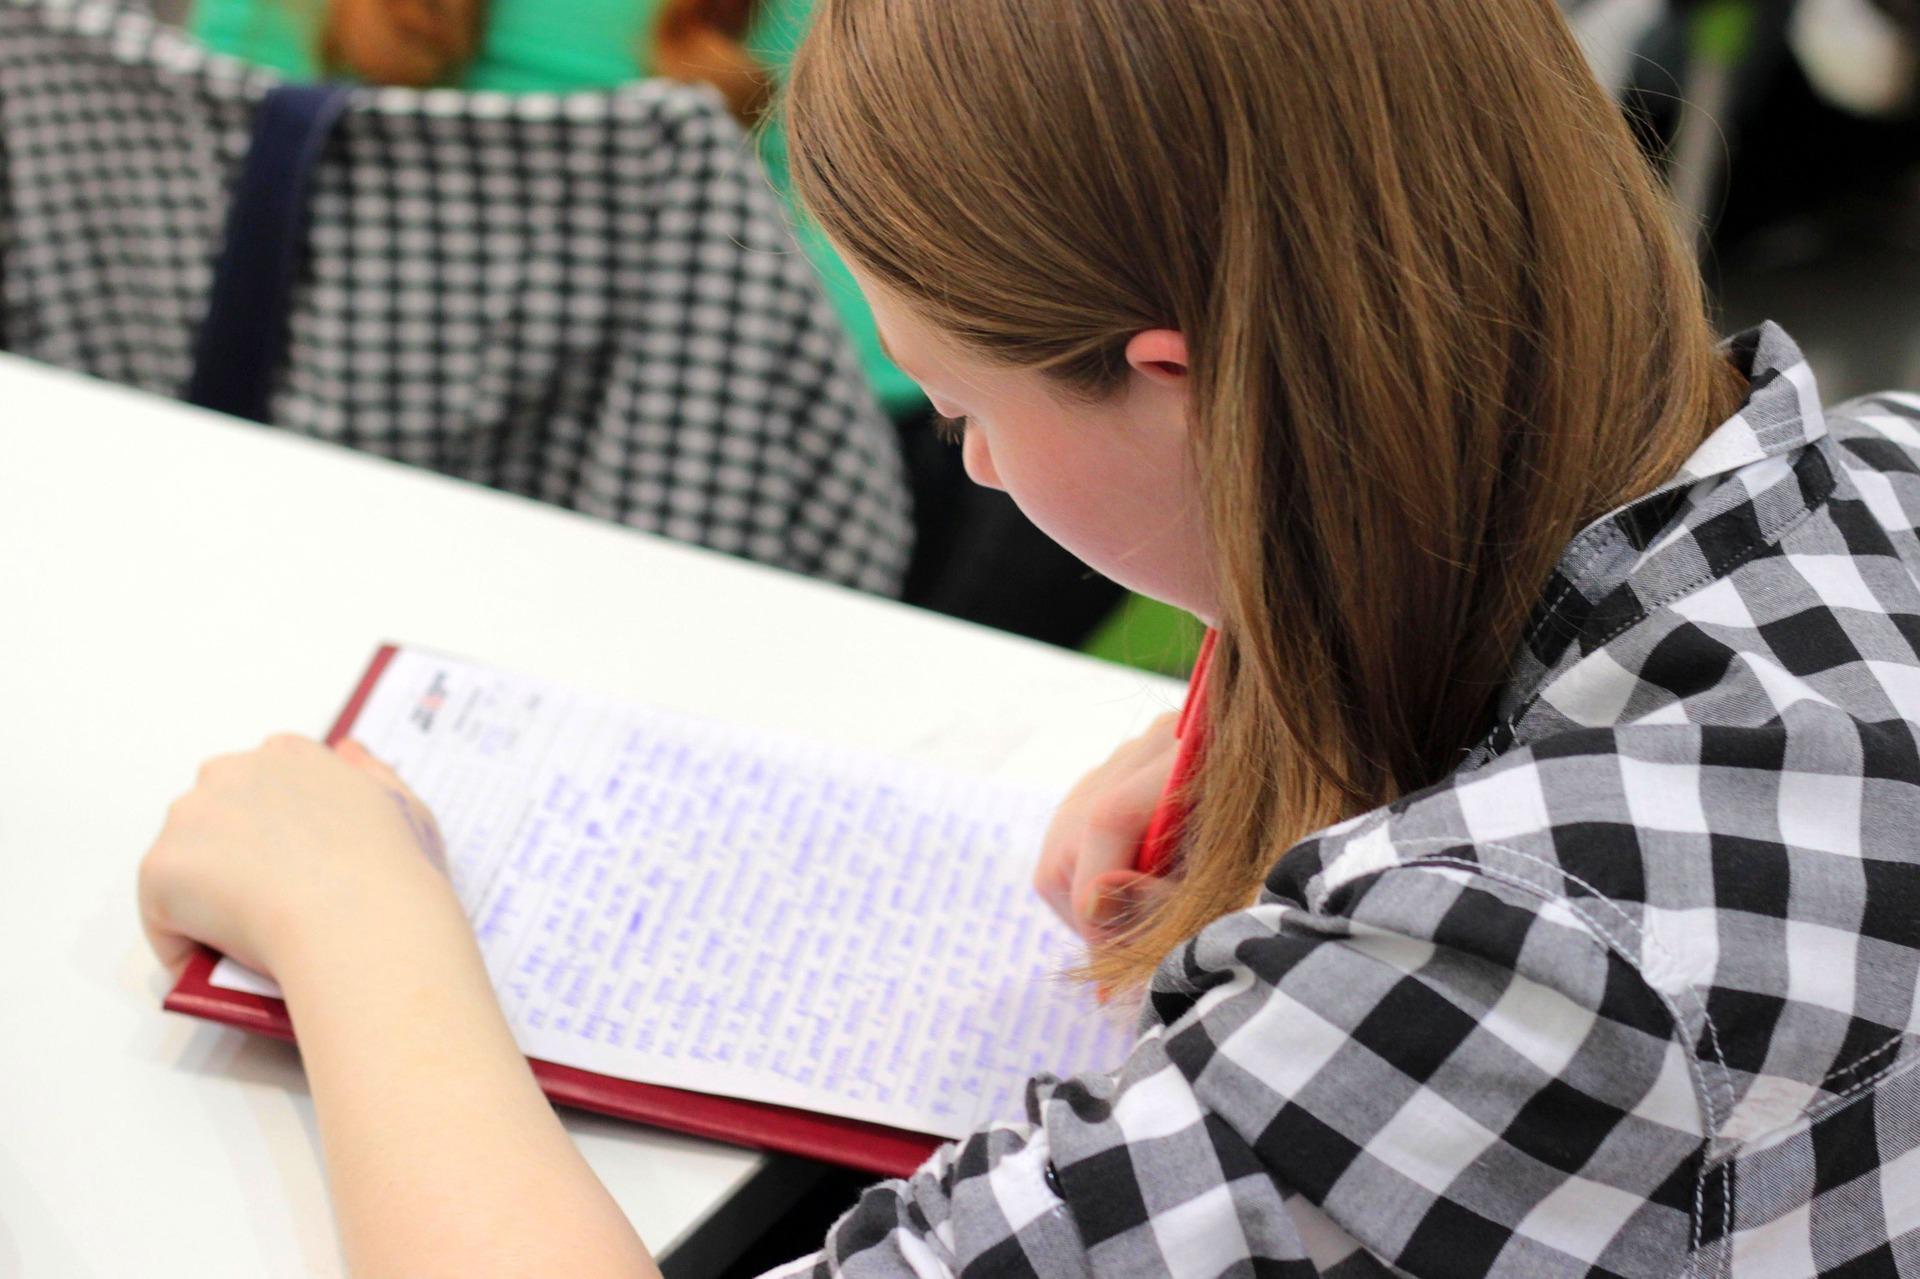 Les différentes bourses existantes pour venir étudier en France pour les étudiants étrangers.